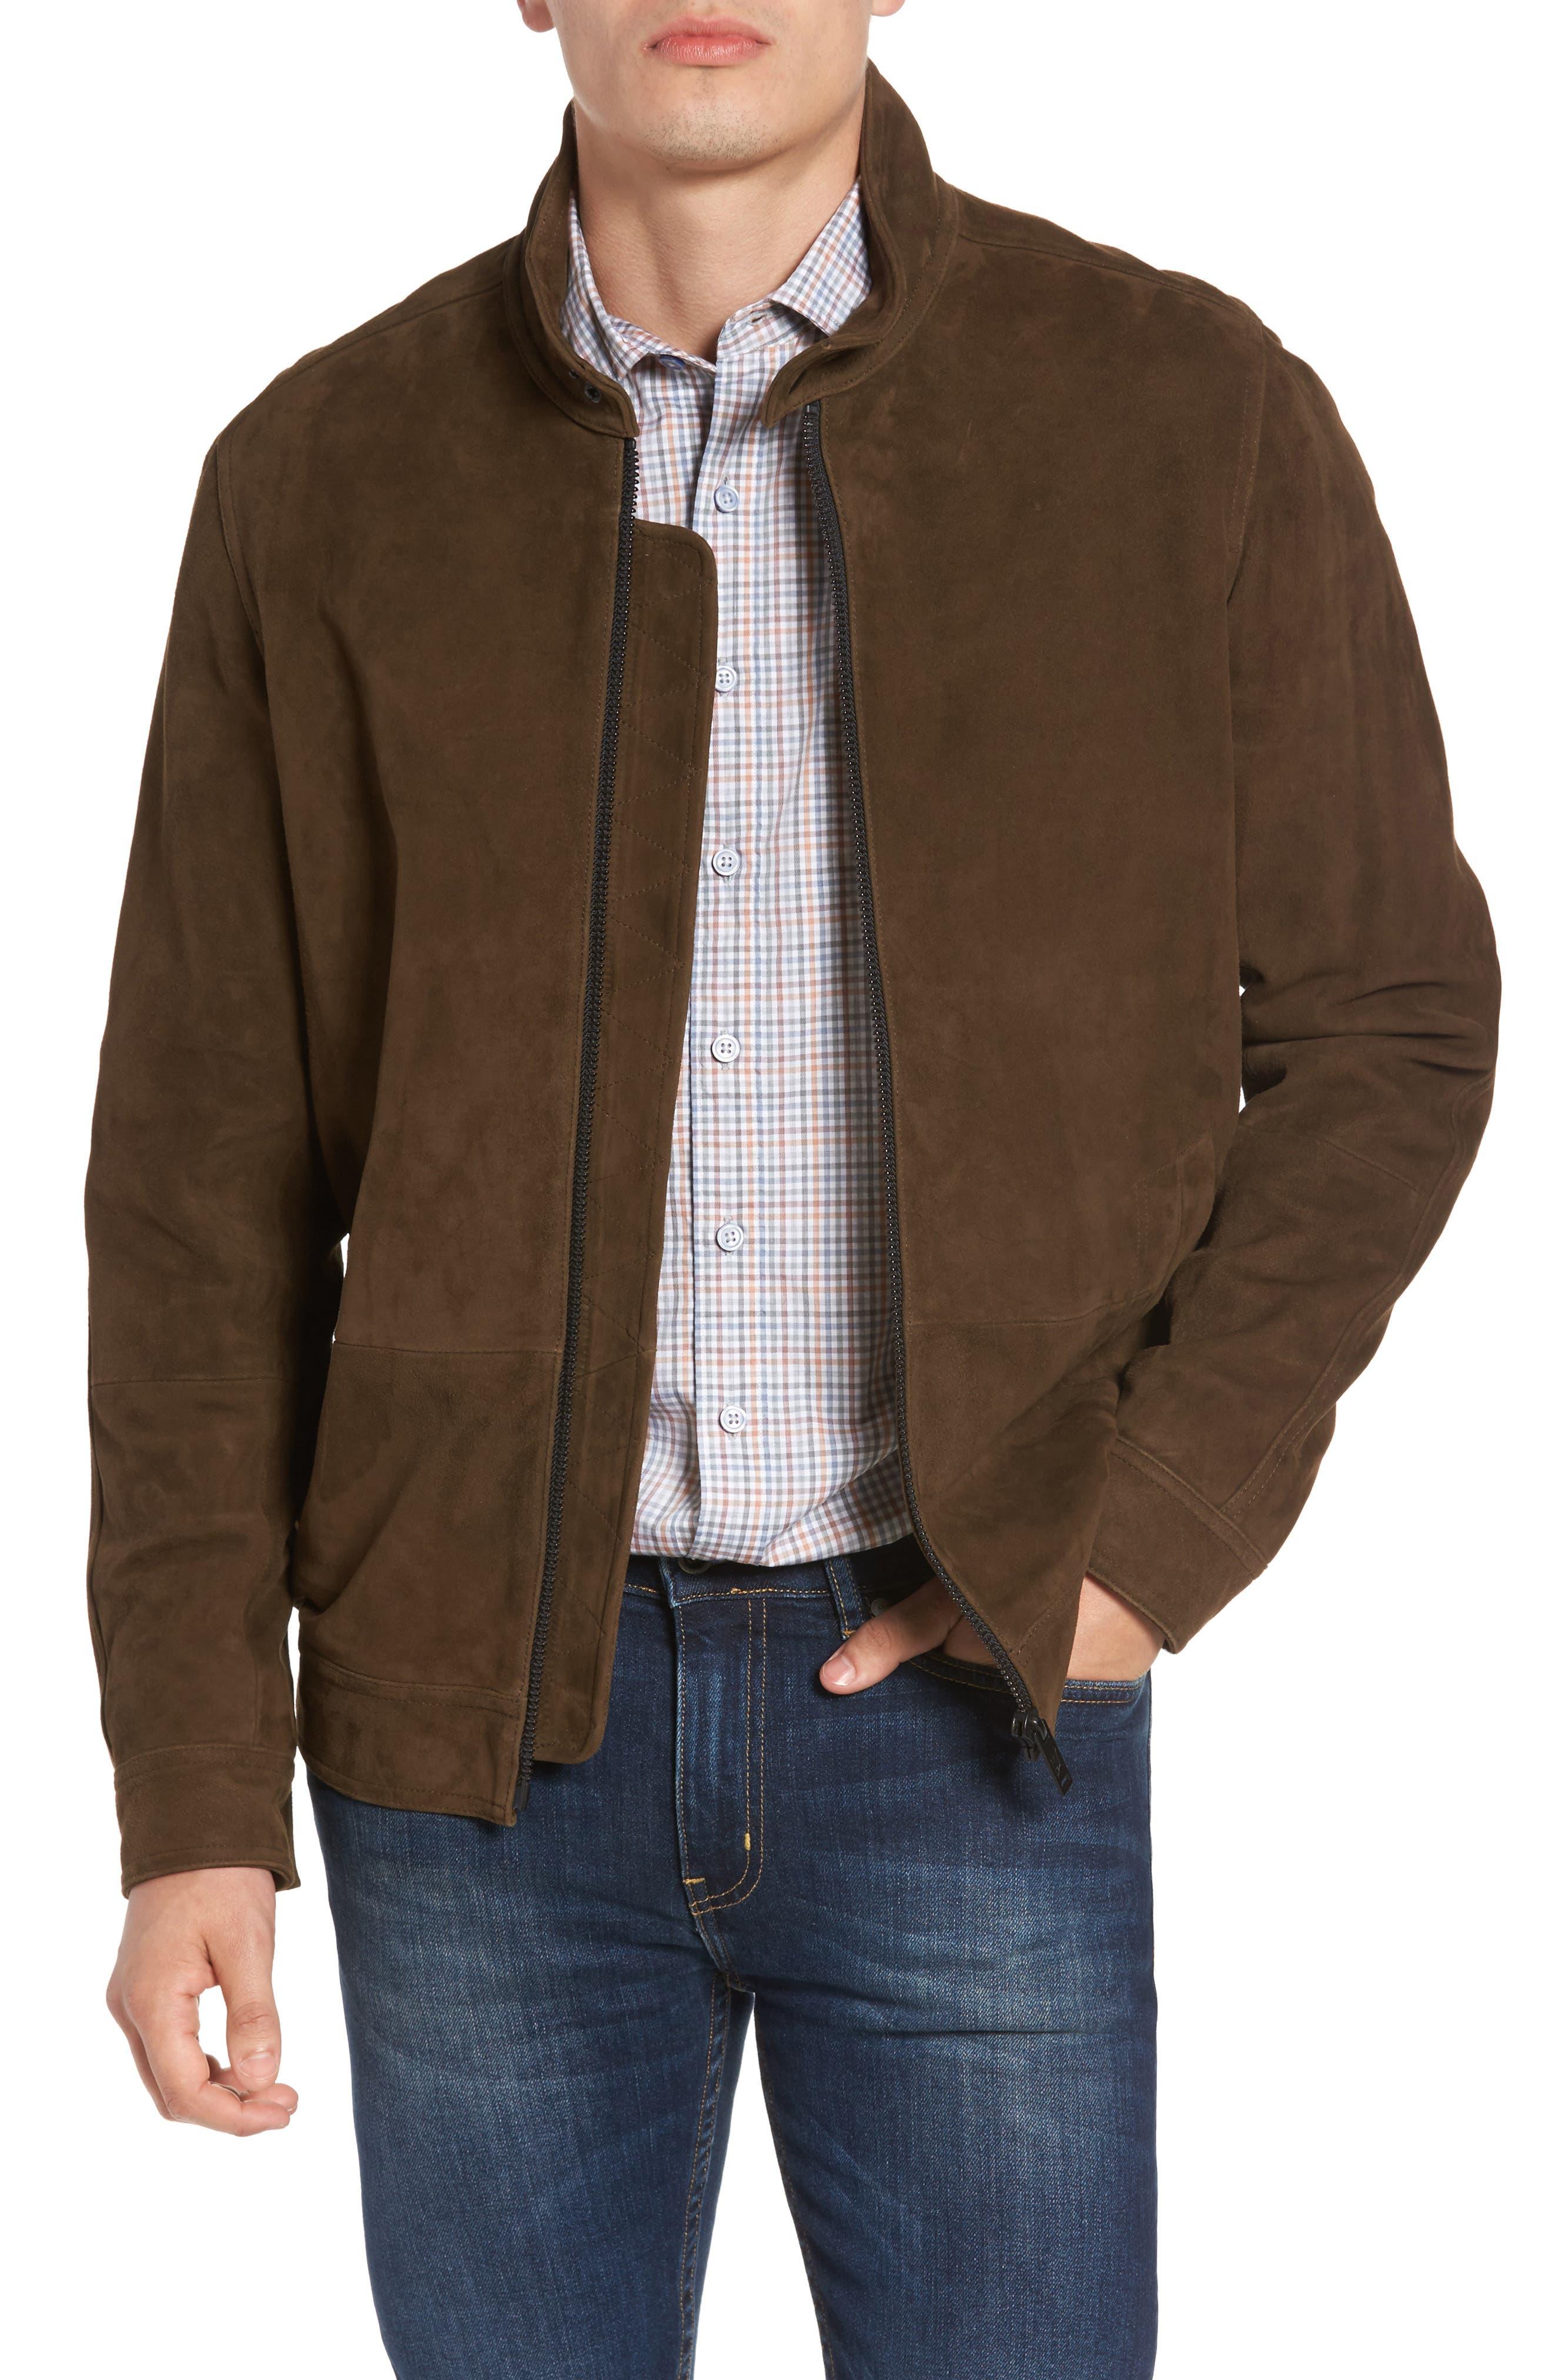 Avondale Suede Jacket,                             Main thumbnail 1, color,                             230